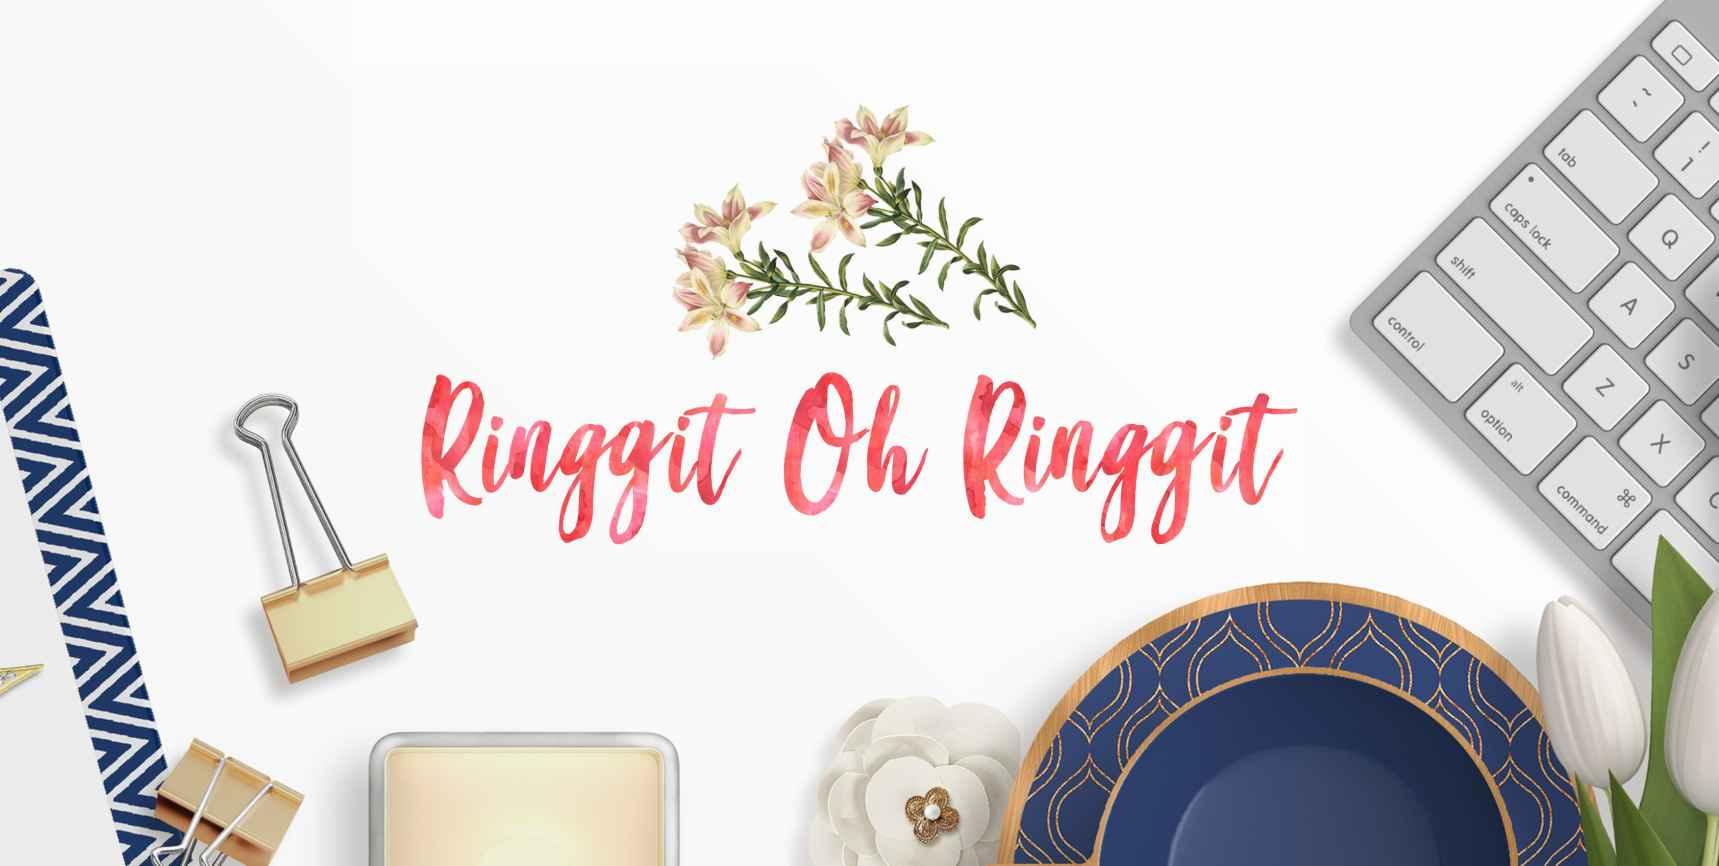 Ringgit Oh Ringgit